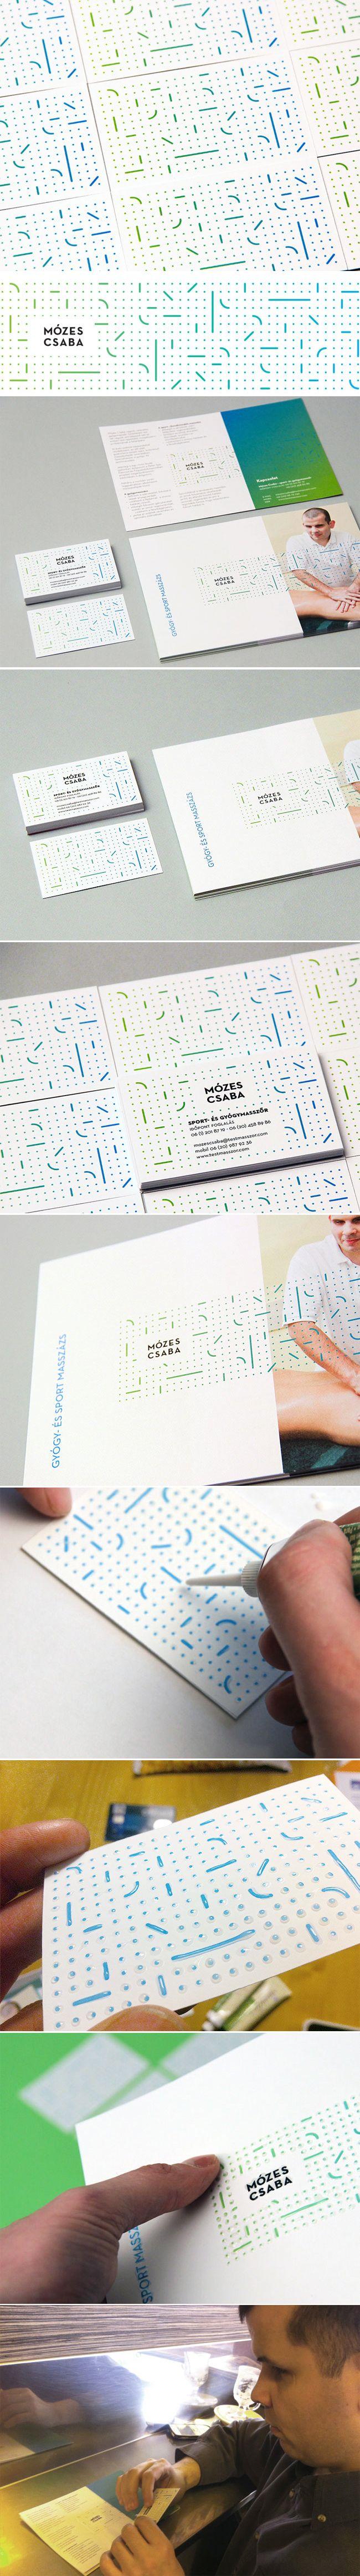 csaba-moze http://identitydesigned.com/csaba-mozes/